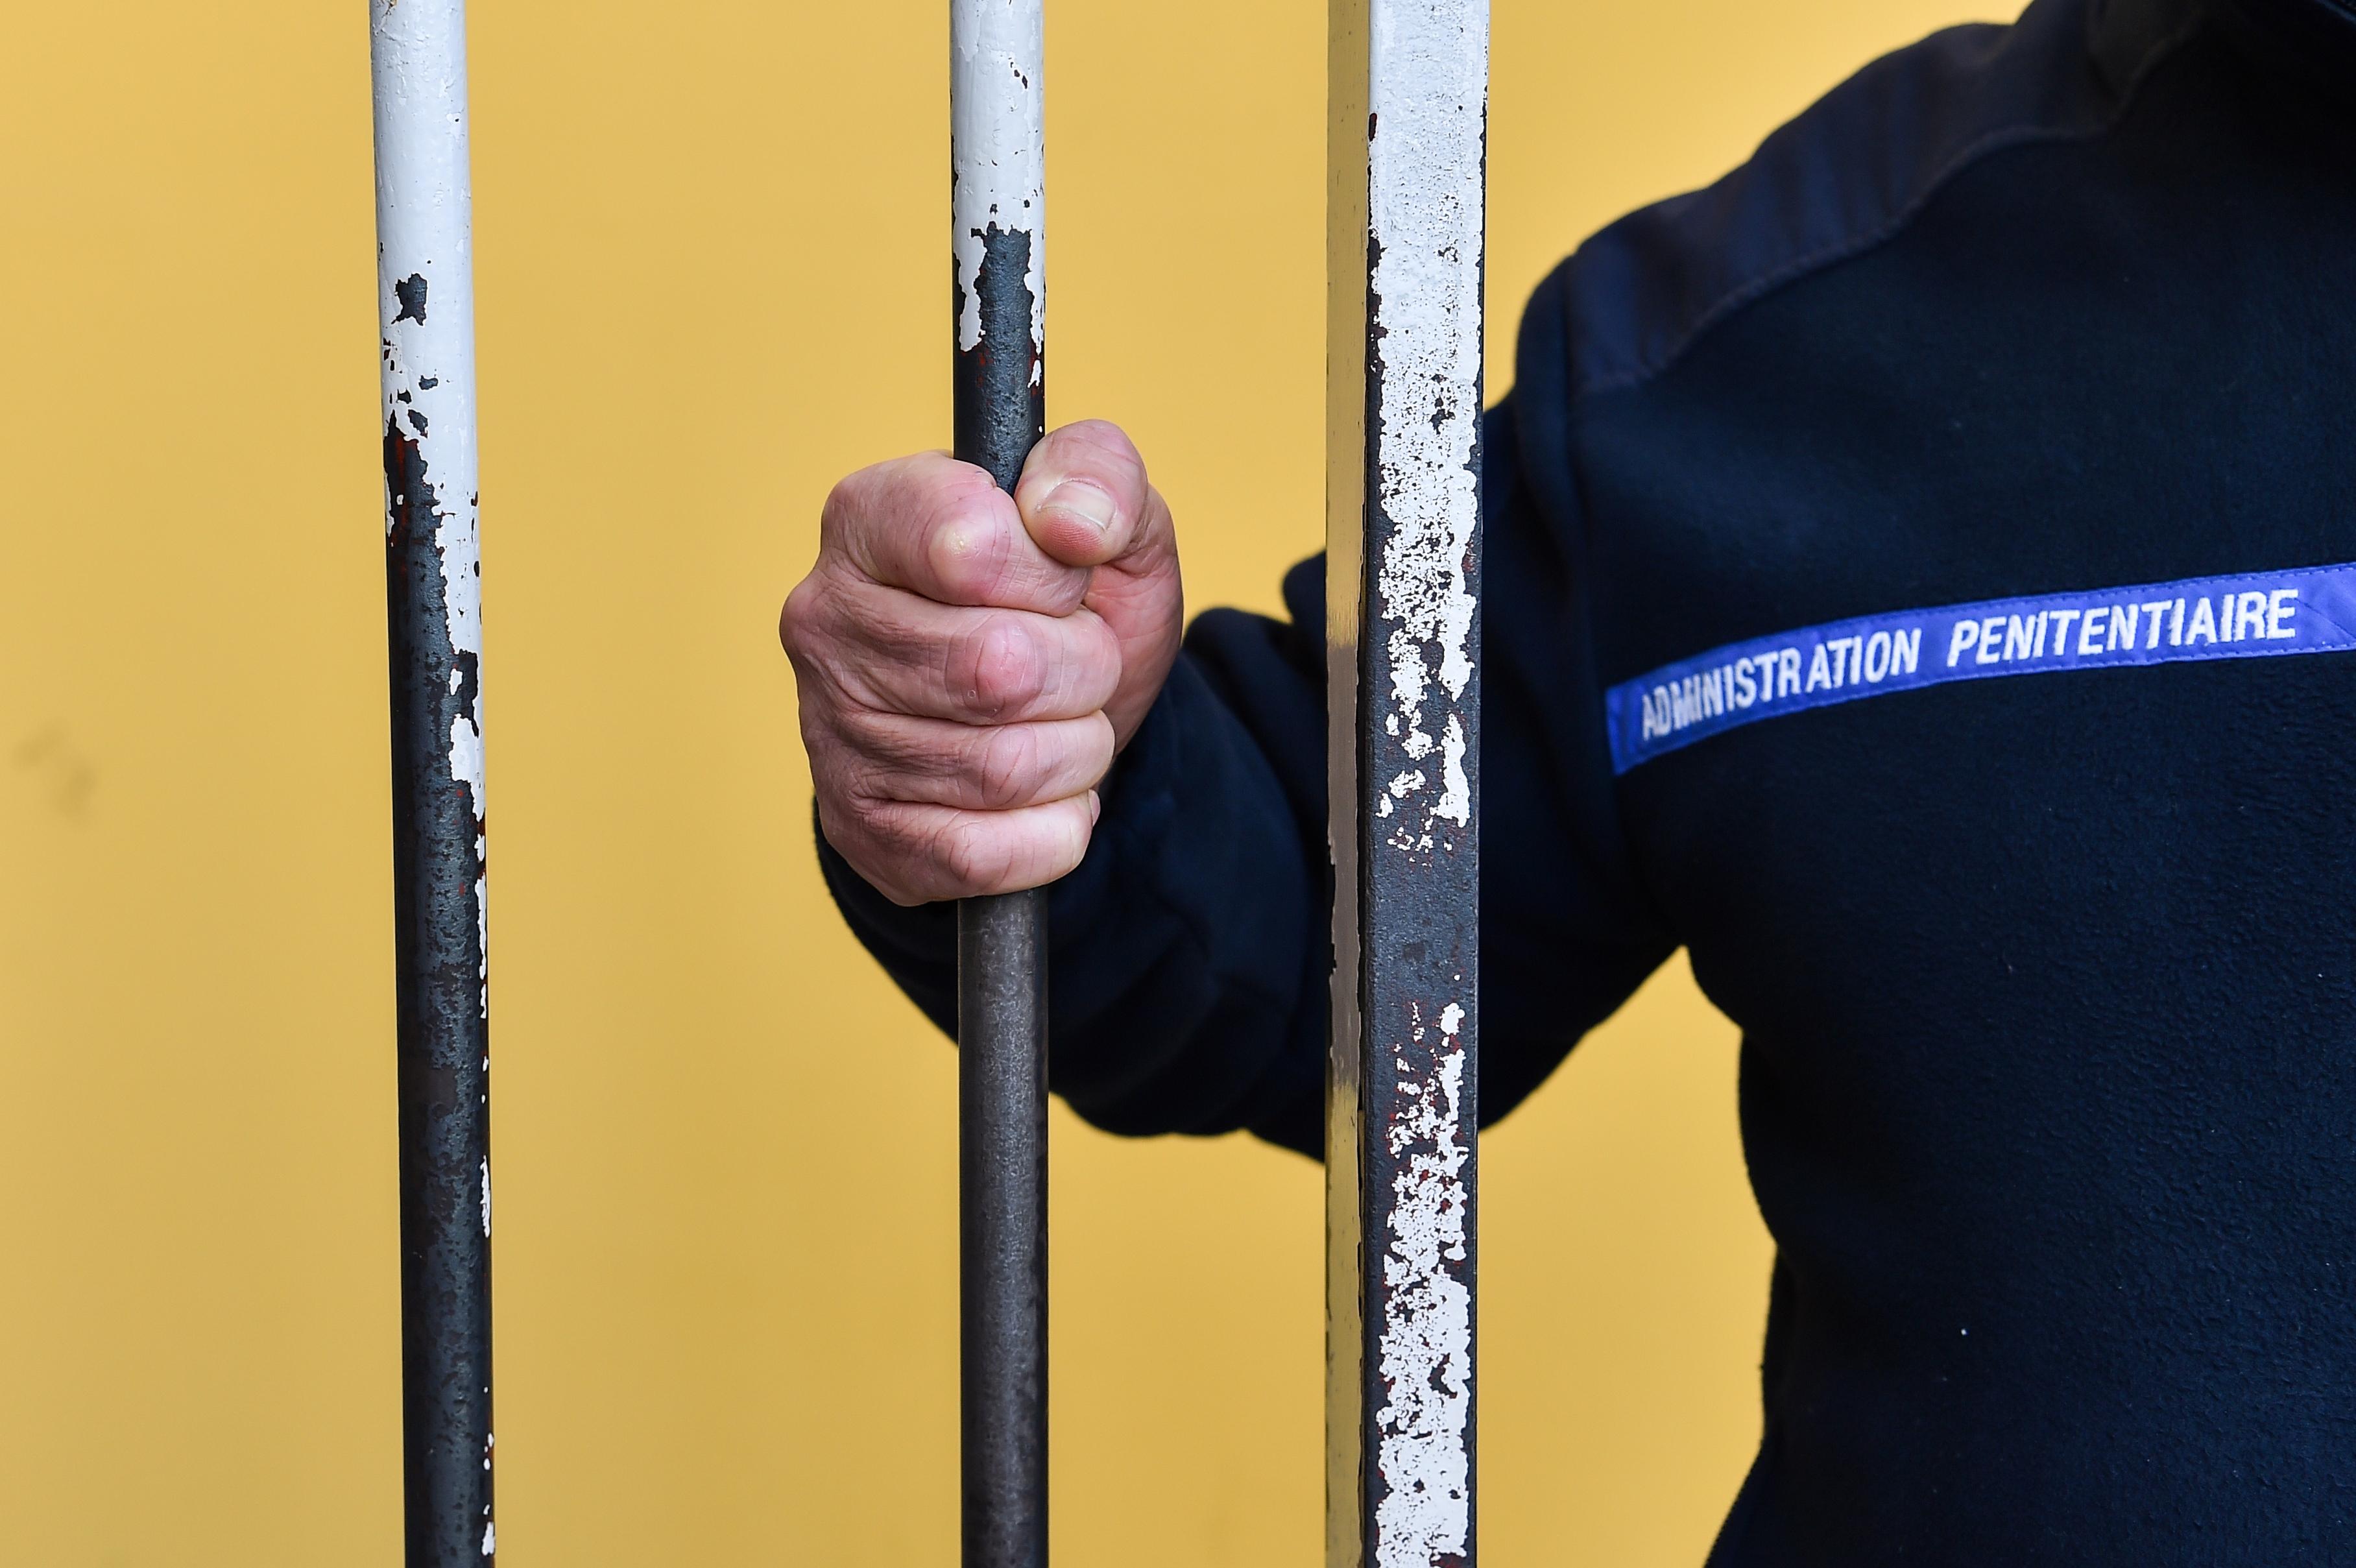 Des détenus ouvrent une cagnotte pour aider un surveillant dont la femme est décédée